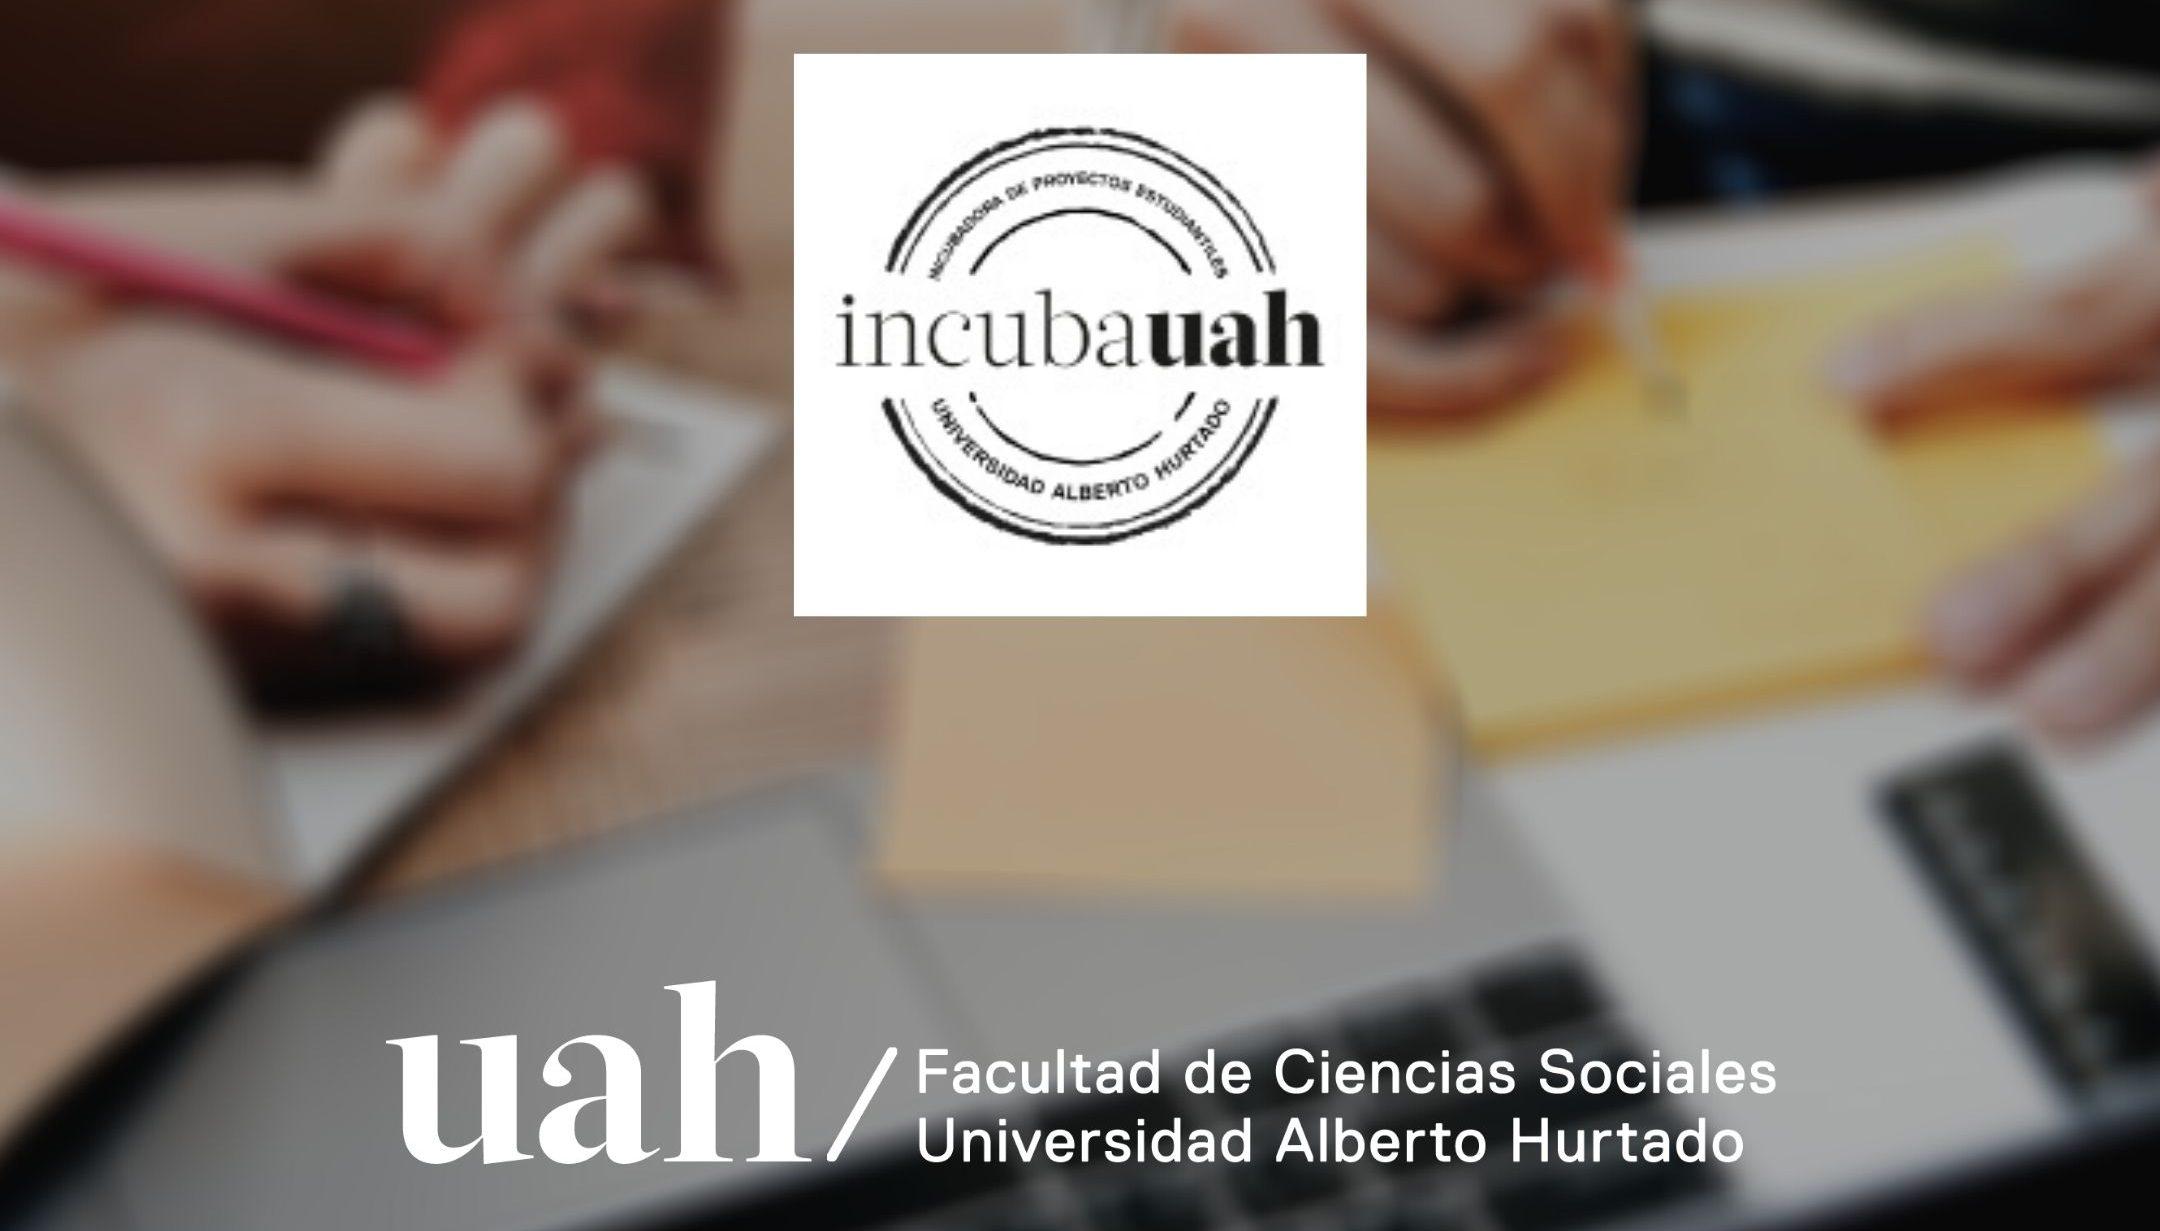 INCUBA UAH | Estudiantes de la Facultad de Ciencias Sociales se adjudican proyectos de incubadora universitaria